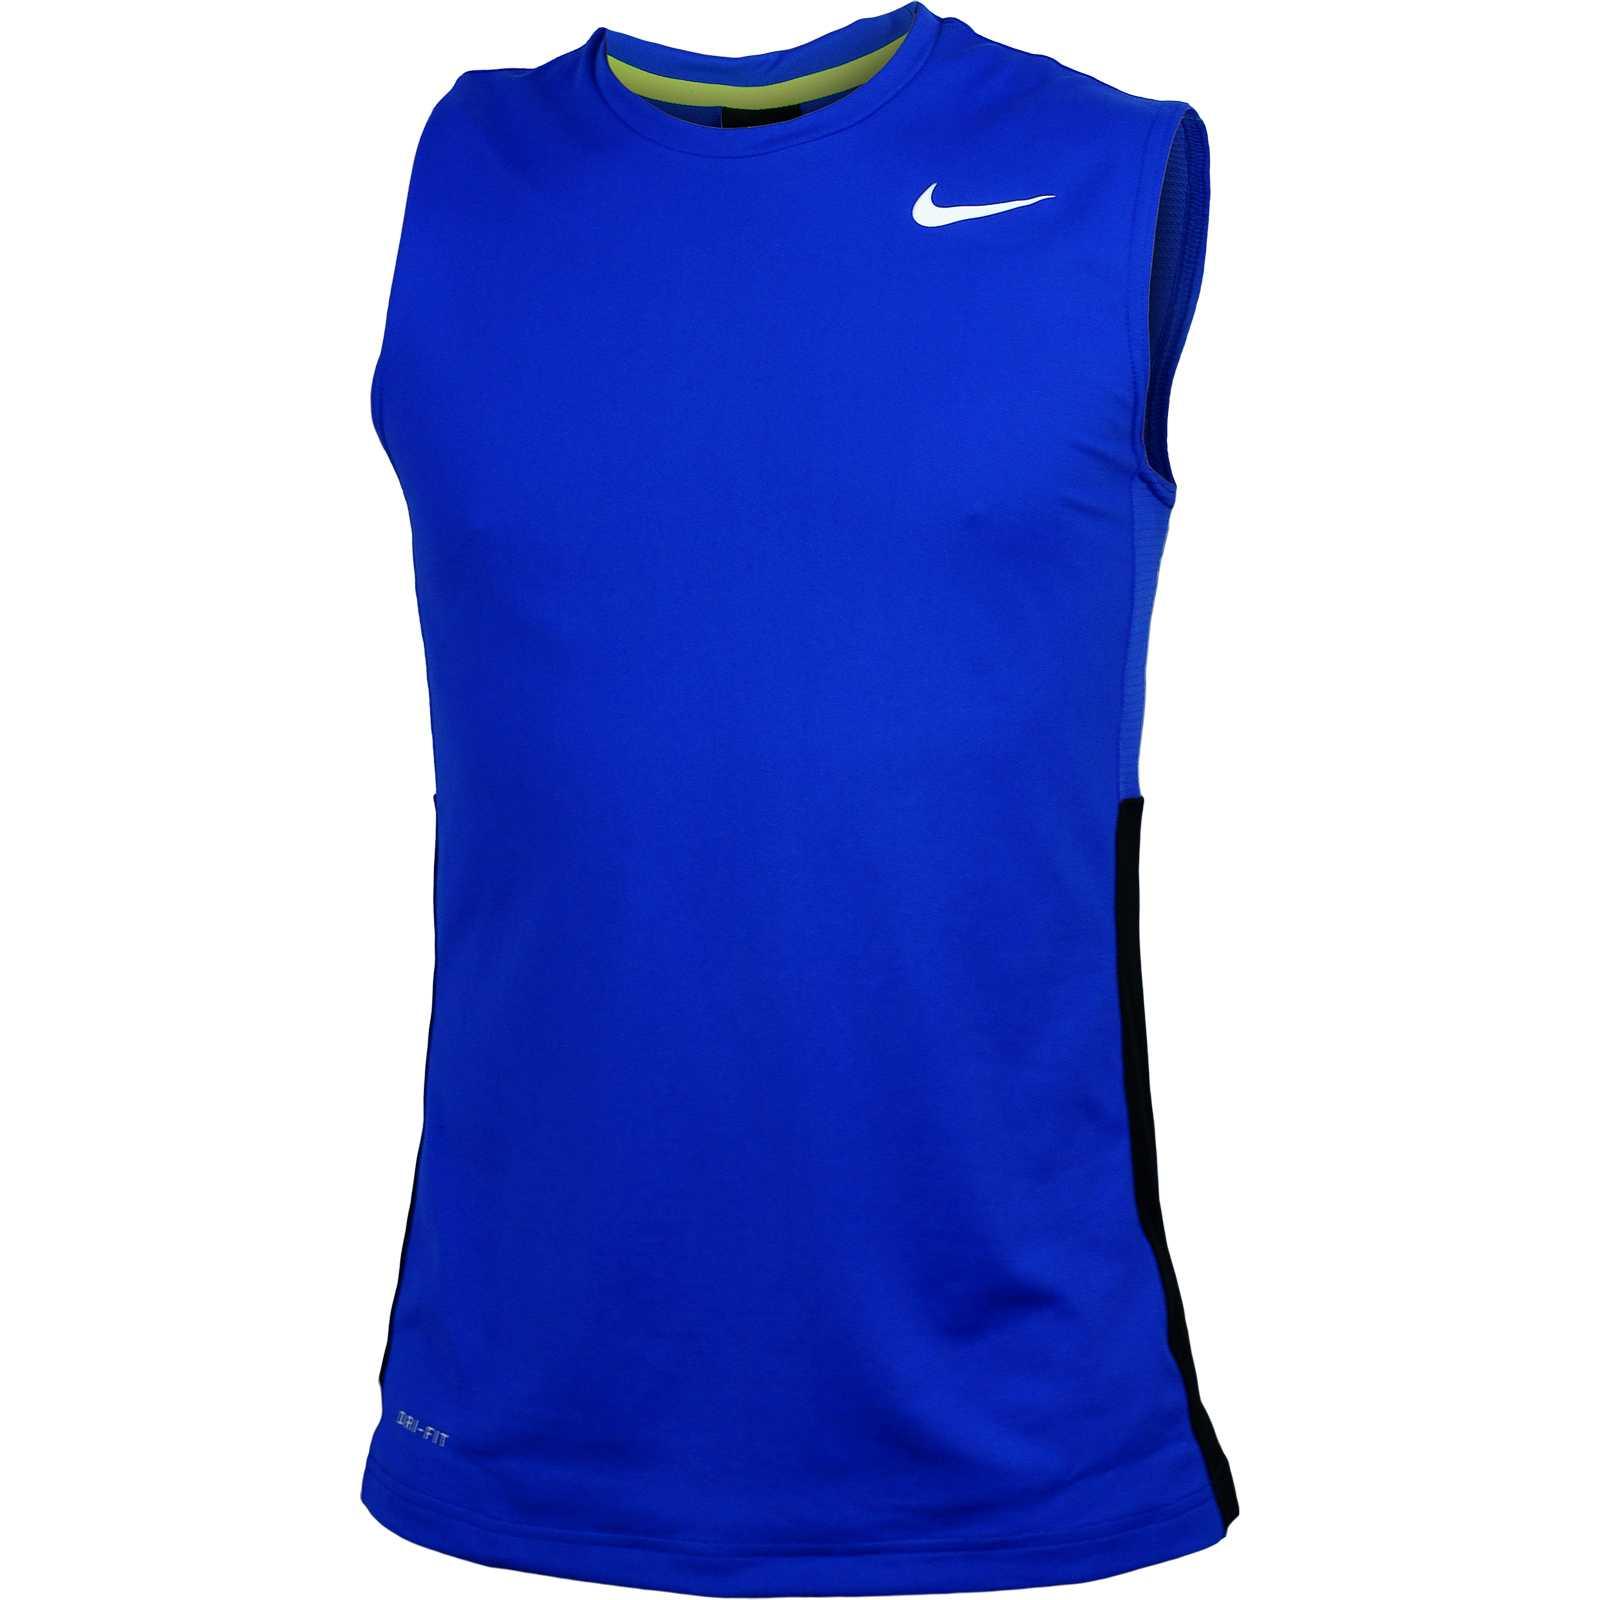 Maieu barbati Nike Crossover Sleeveless 641419-480